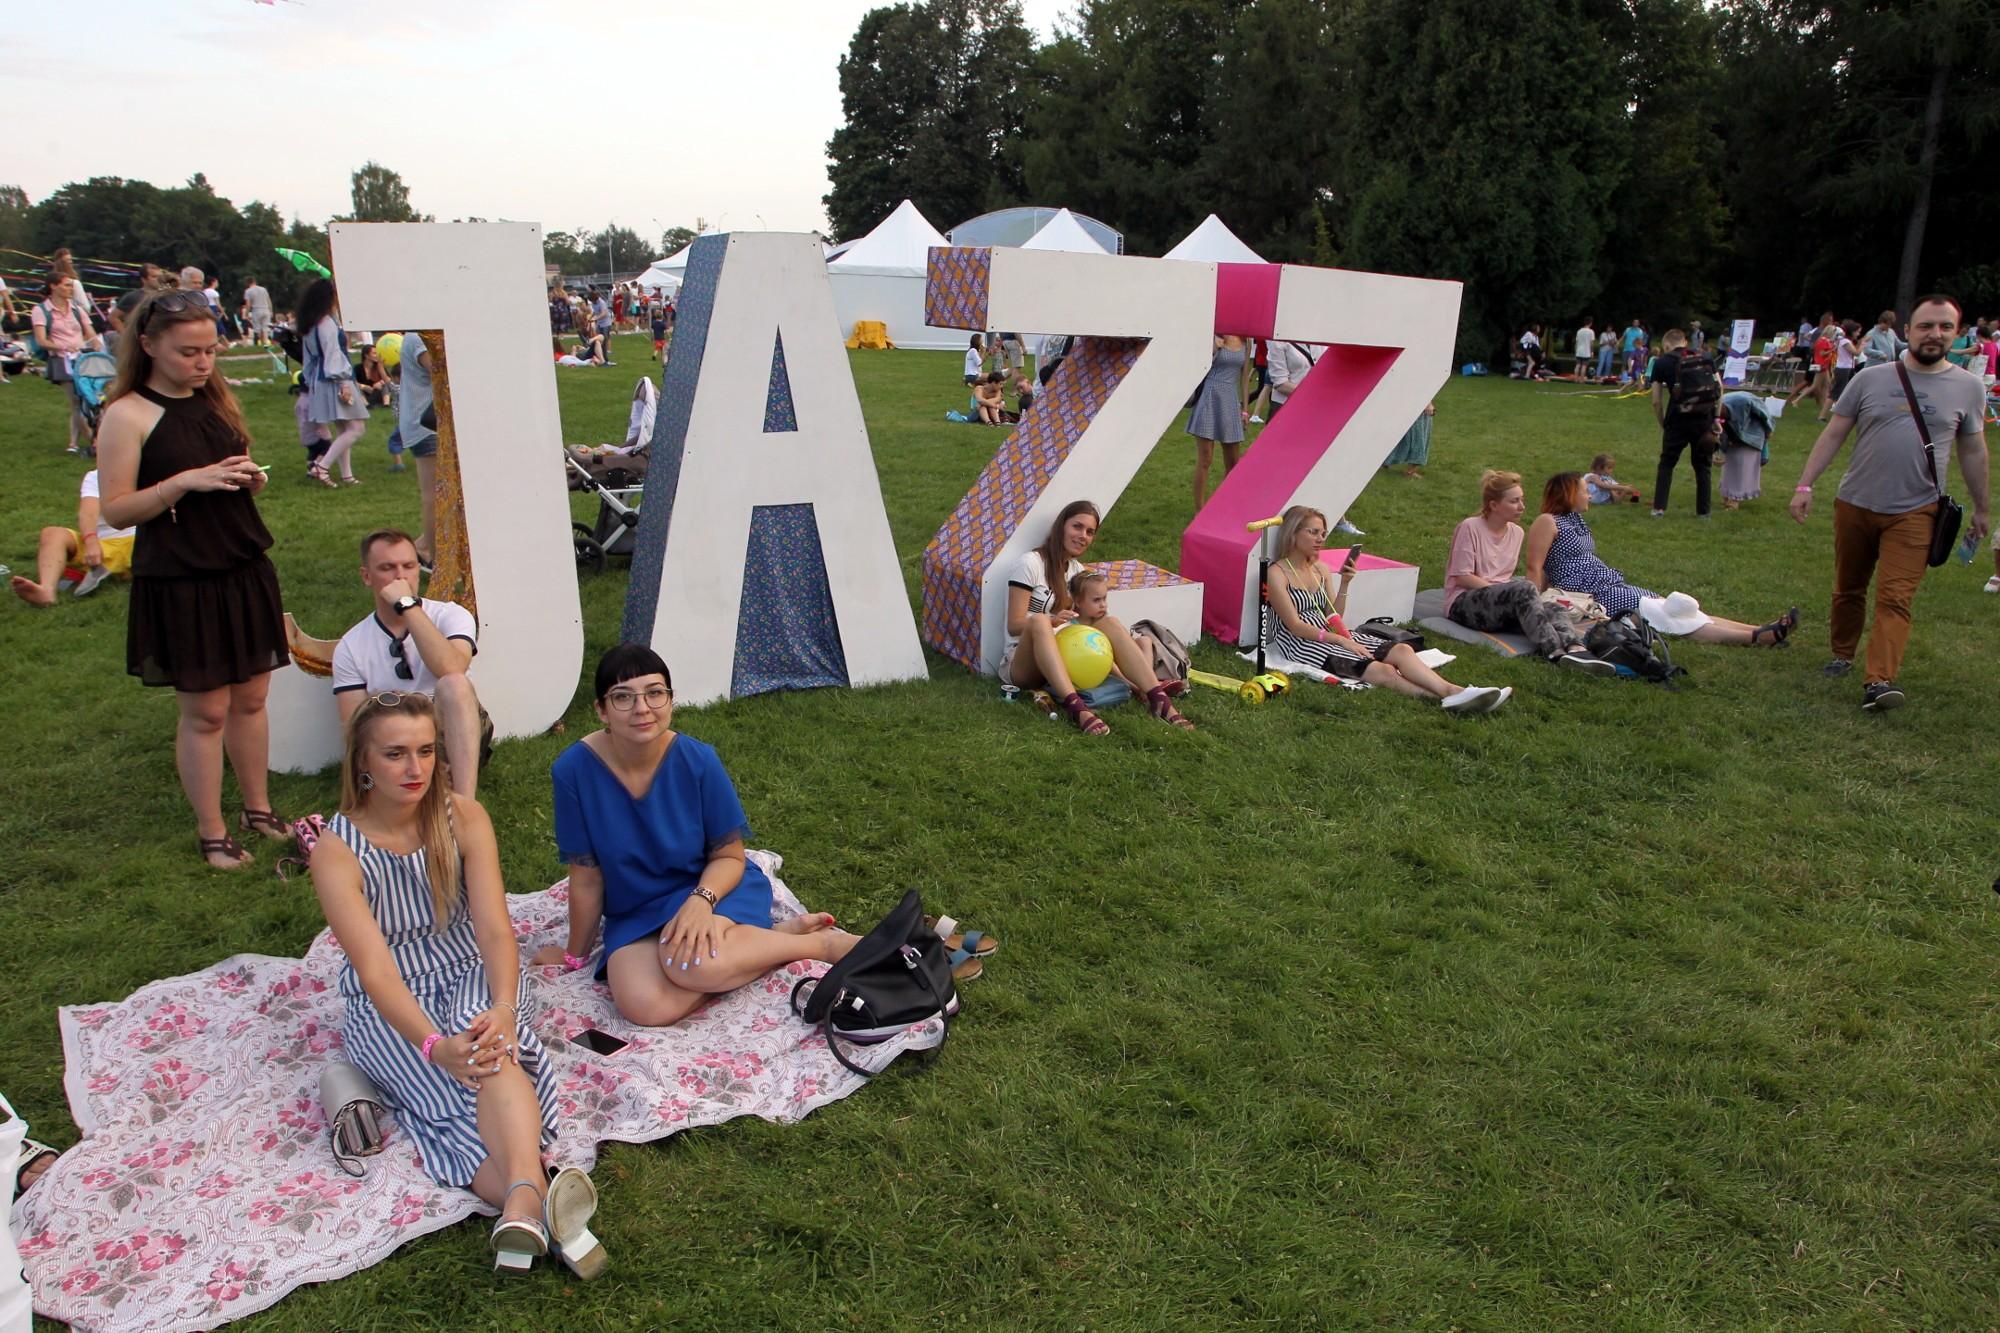 Фестиваль Усадьба Джаз отдых на природе